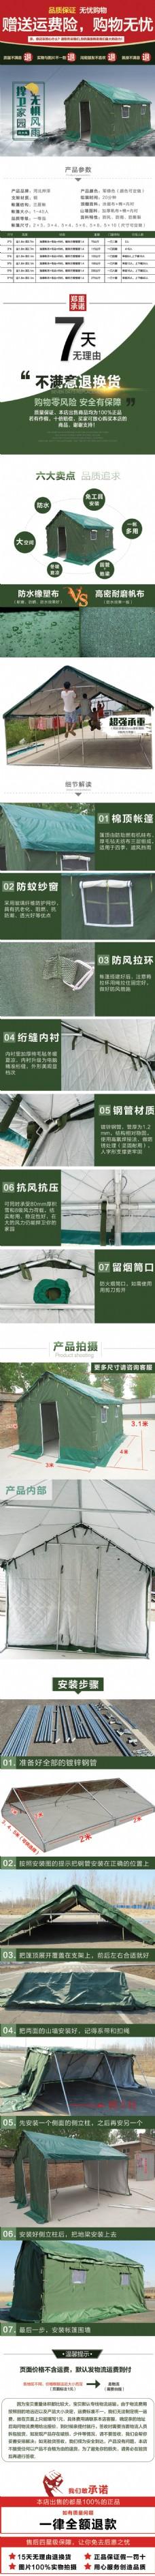 施工帐篷详情页